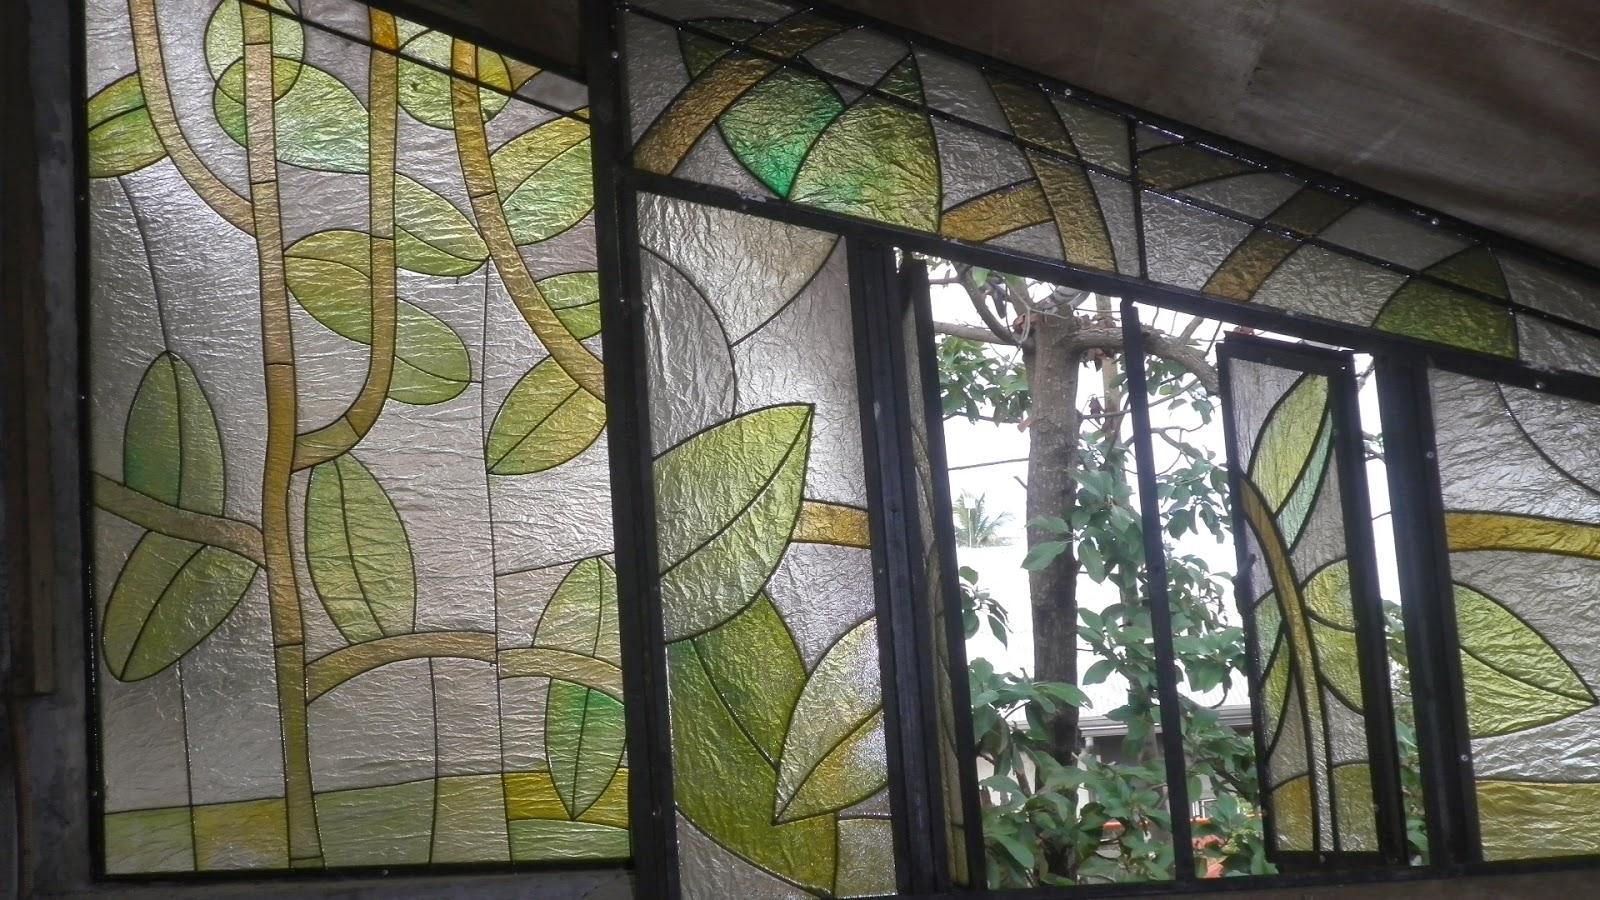 Fiberglass window with steel framing l modern art l nature l